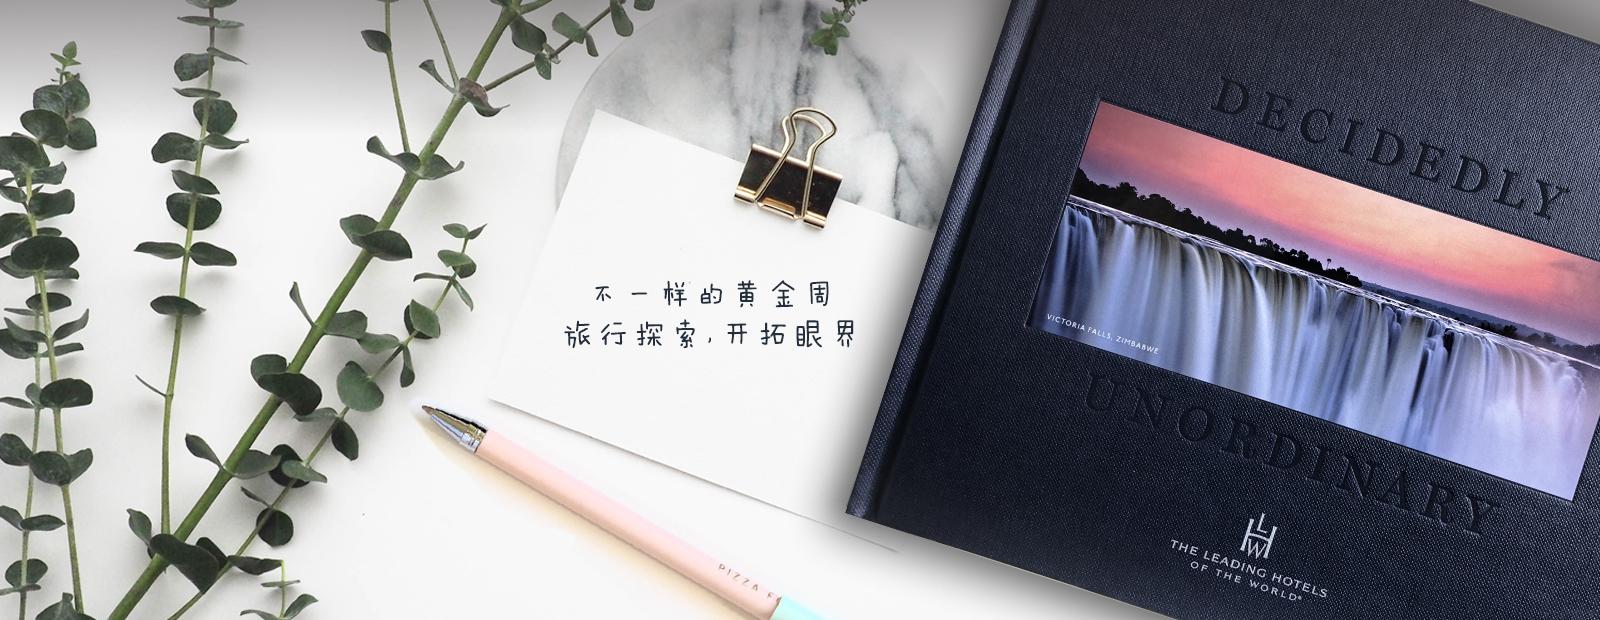 約會立鼎世 | 悅行隨心,雙節嘉禮_立鼎世酒店集團_lhw.cn